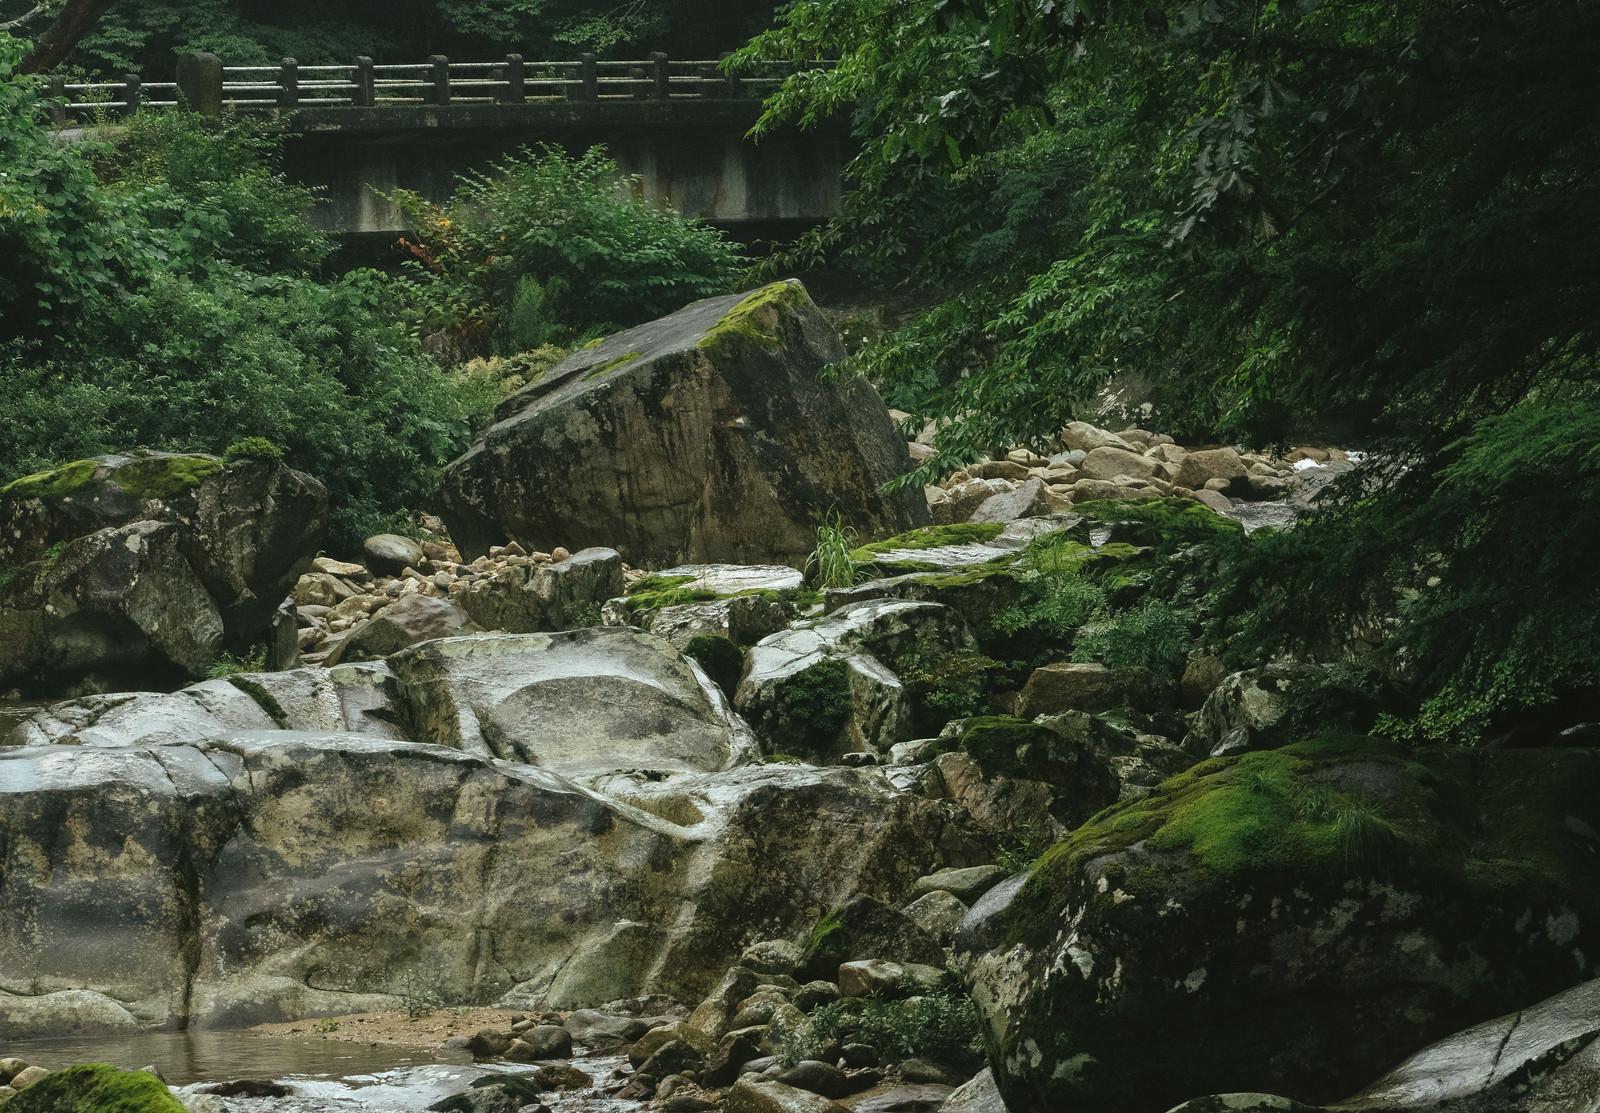 「河原より端を仰ぐ河原より端を仰ぐ」のフリー写真素材を拡大